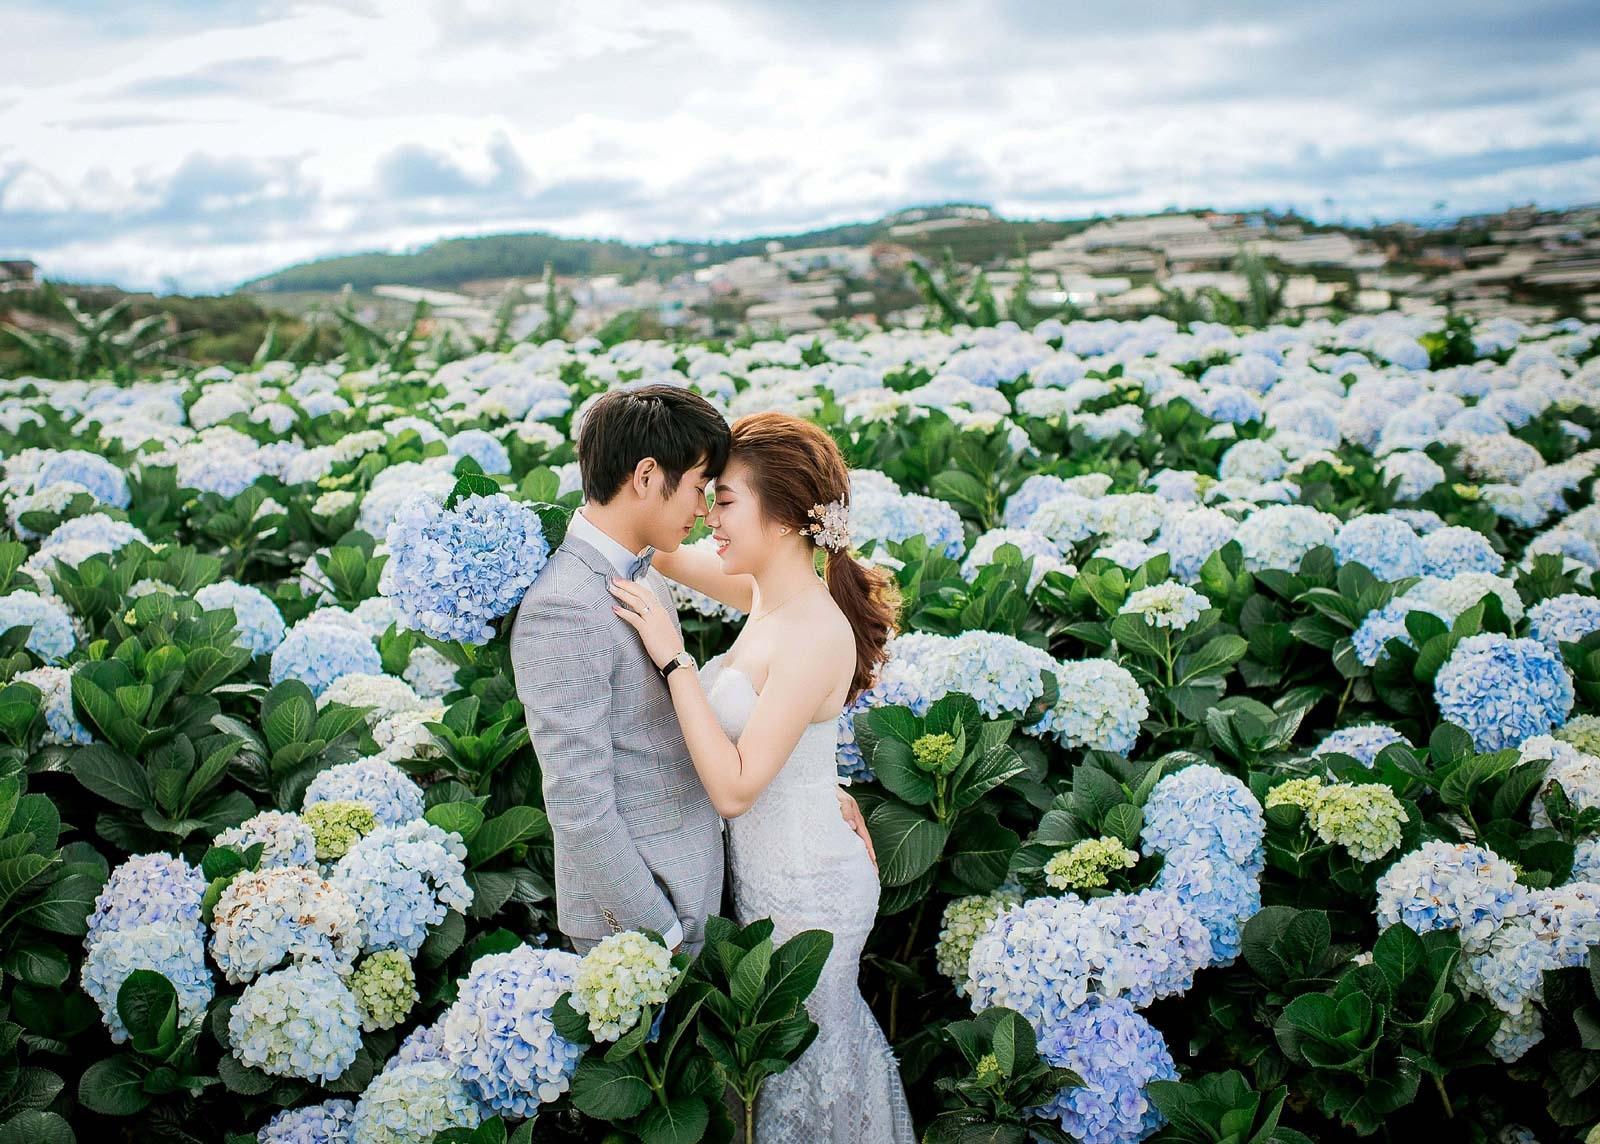 Váy cưới đẹp tphcm